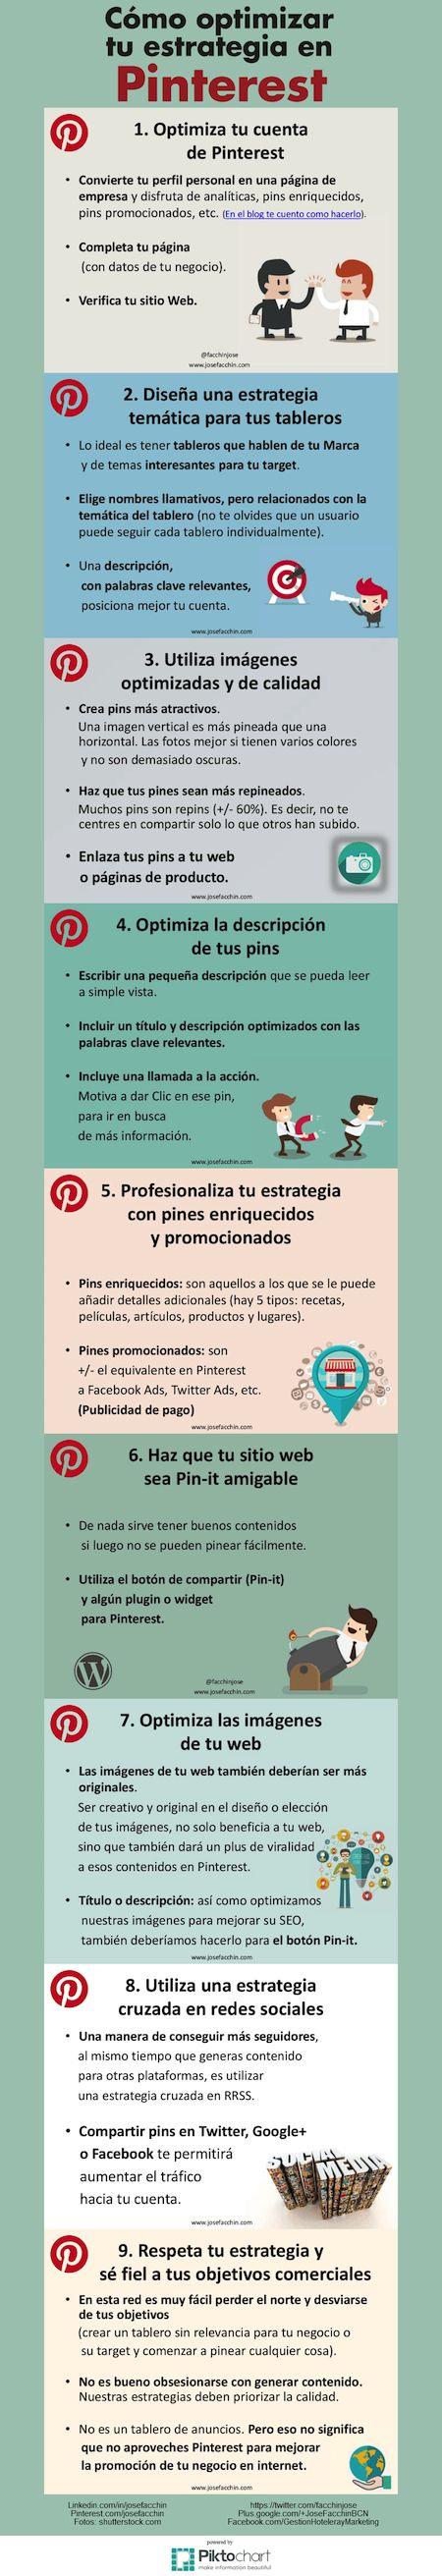 Guía de marketing en Pinterest de casi 3000 palabras. Consejos muy prácticos para aclarar conceptos y que aprendas estrategias de marketing en Pinterest.